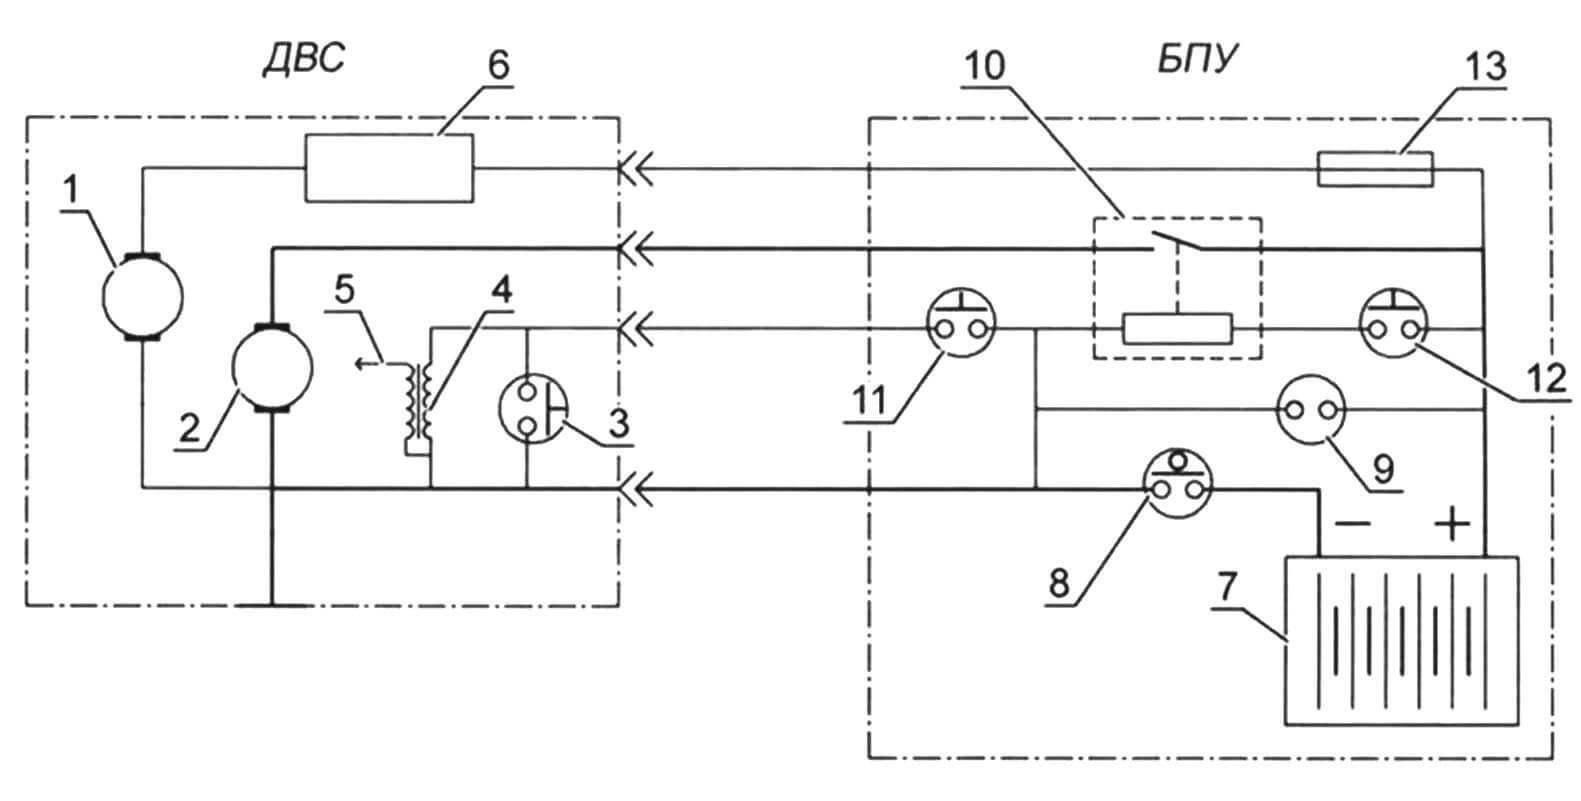 Принципиальная схема электрооборудования для пуска и управления двигателем Champion G340VK: 1 - генераторная катушка ДВС; 2 - стартер; 3 - аварийная кнопка «Стоп» с чекой на двигателе; 4 - катушка зажигания; 5 - свеча зажигания; 6 - реле-регулятор; 7 - аккумуляторная батарея 12 В, 14 А ч; 8 - выключатель «массы» автомобильного типа; 9- гнездо прикуривателя автомобильного типа; 10 - реле стартера мотоциклетного типа; 11 - кнопка «Стоп»; 12 - кнопка «Пуск»; 13 - предохранитель 10 А.